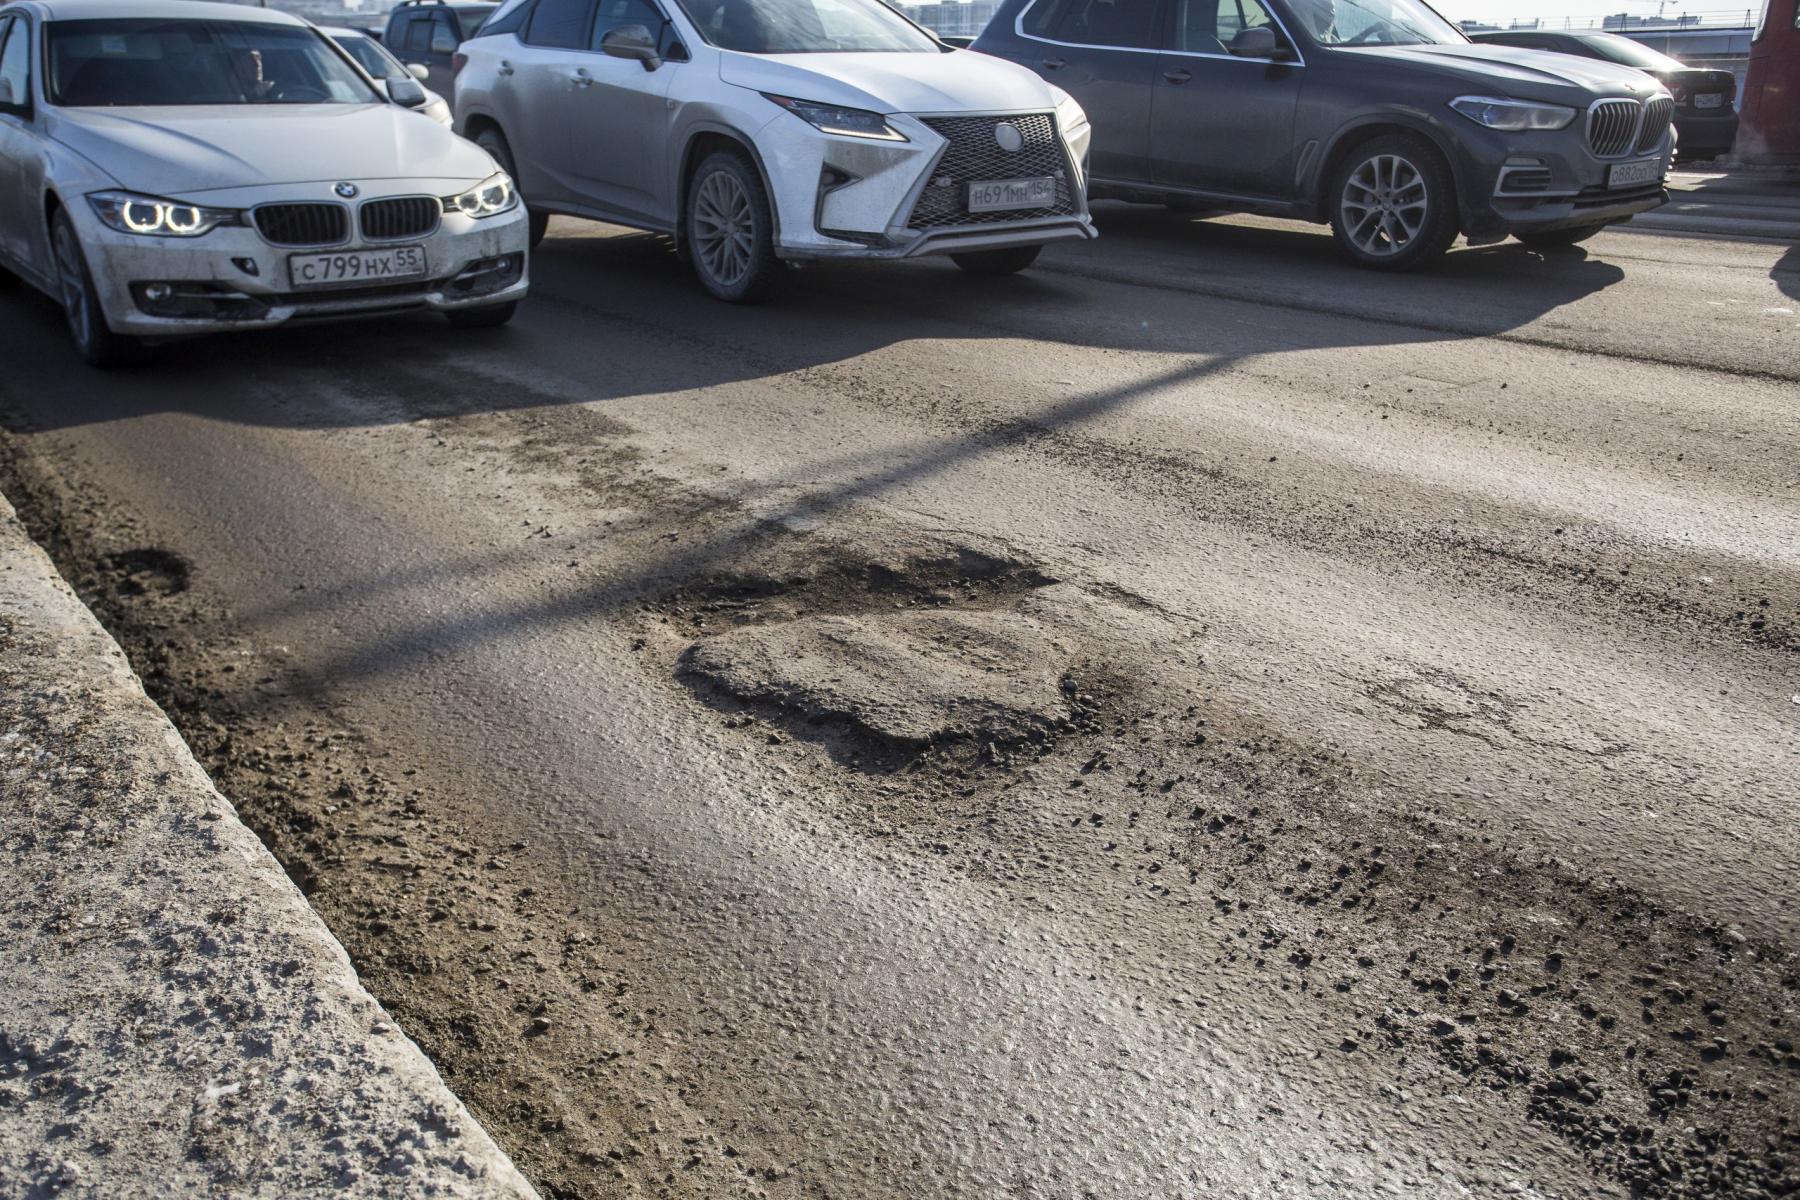 фото «Угадай, в какой луже яма»: состояние дорог в Новосибирске доводит водителей до нецензурщины 4